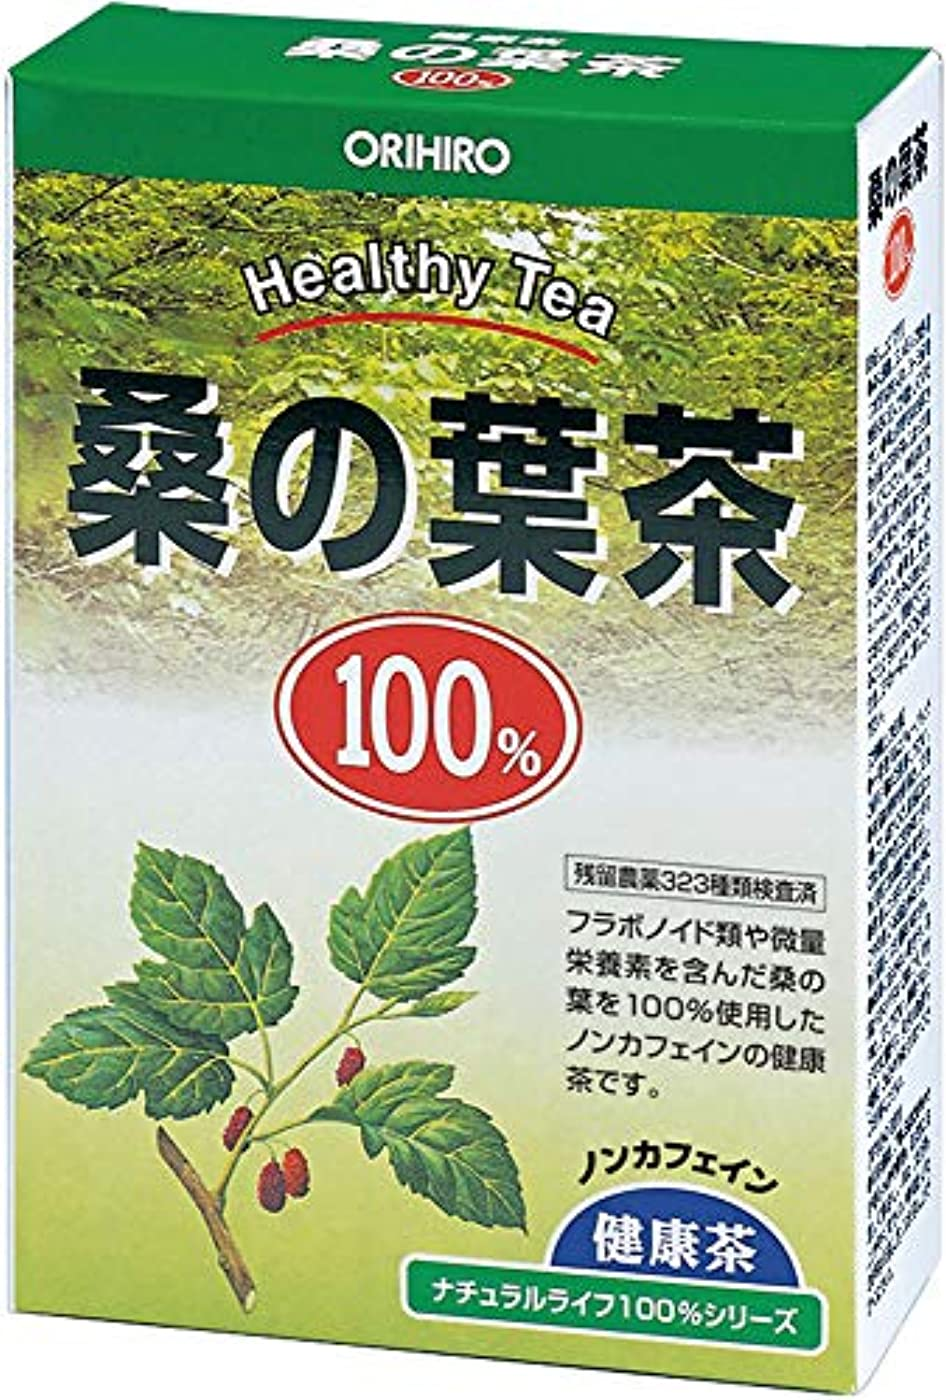 帰る砲撃哀れなオリヒロ NLティー 100% 桑の葉茶